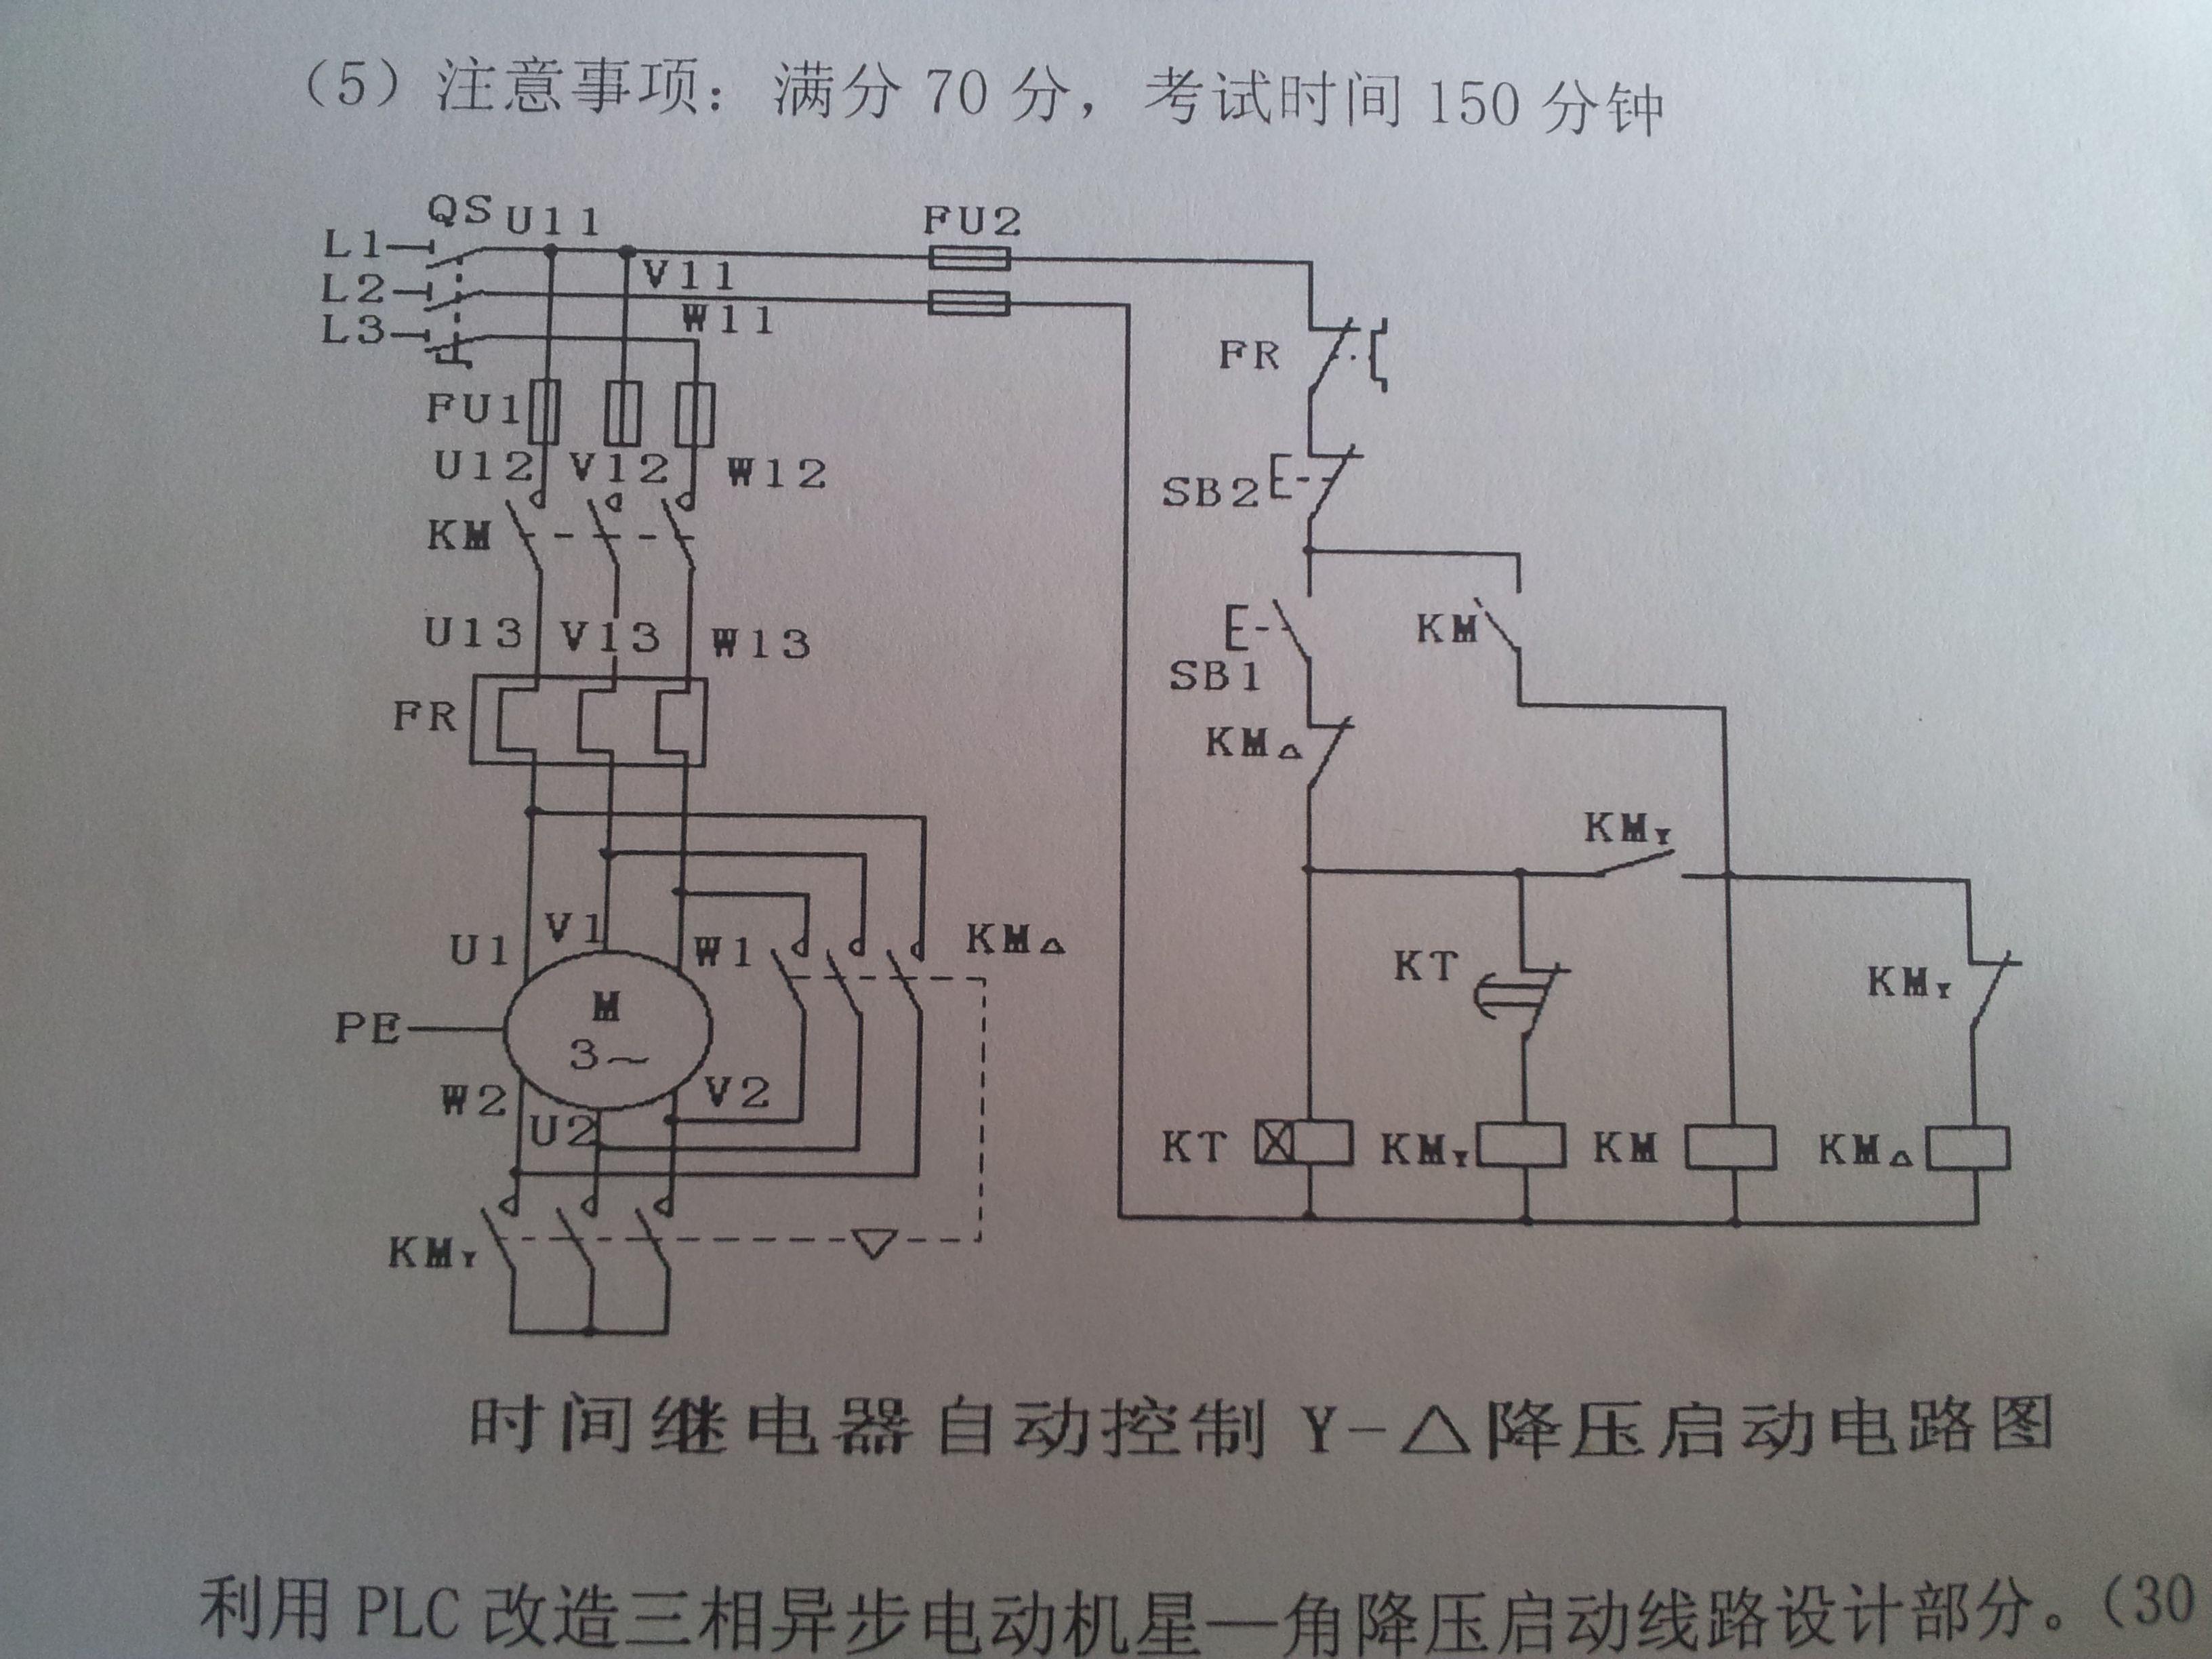 怎样利用plc改造三相异步电动机星-角降压启动